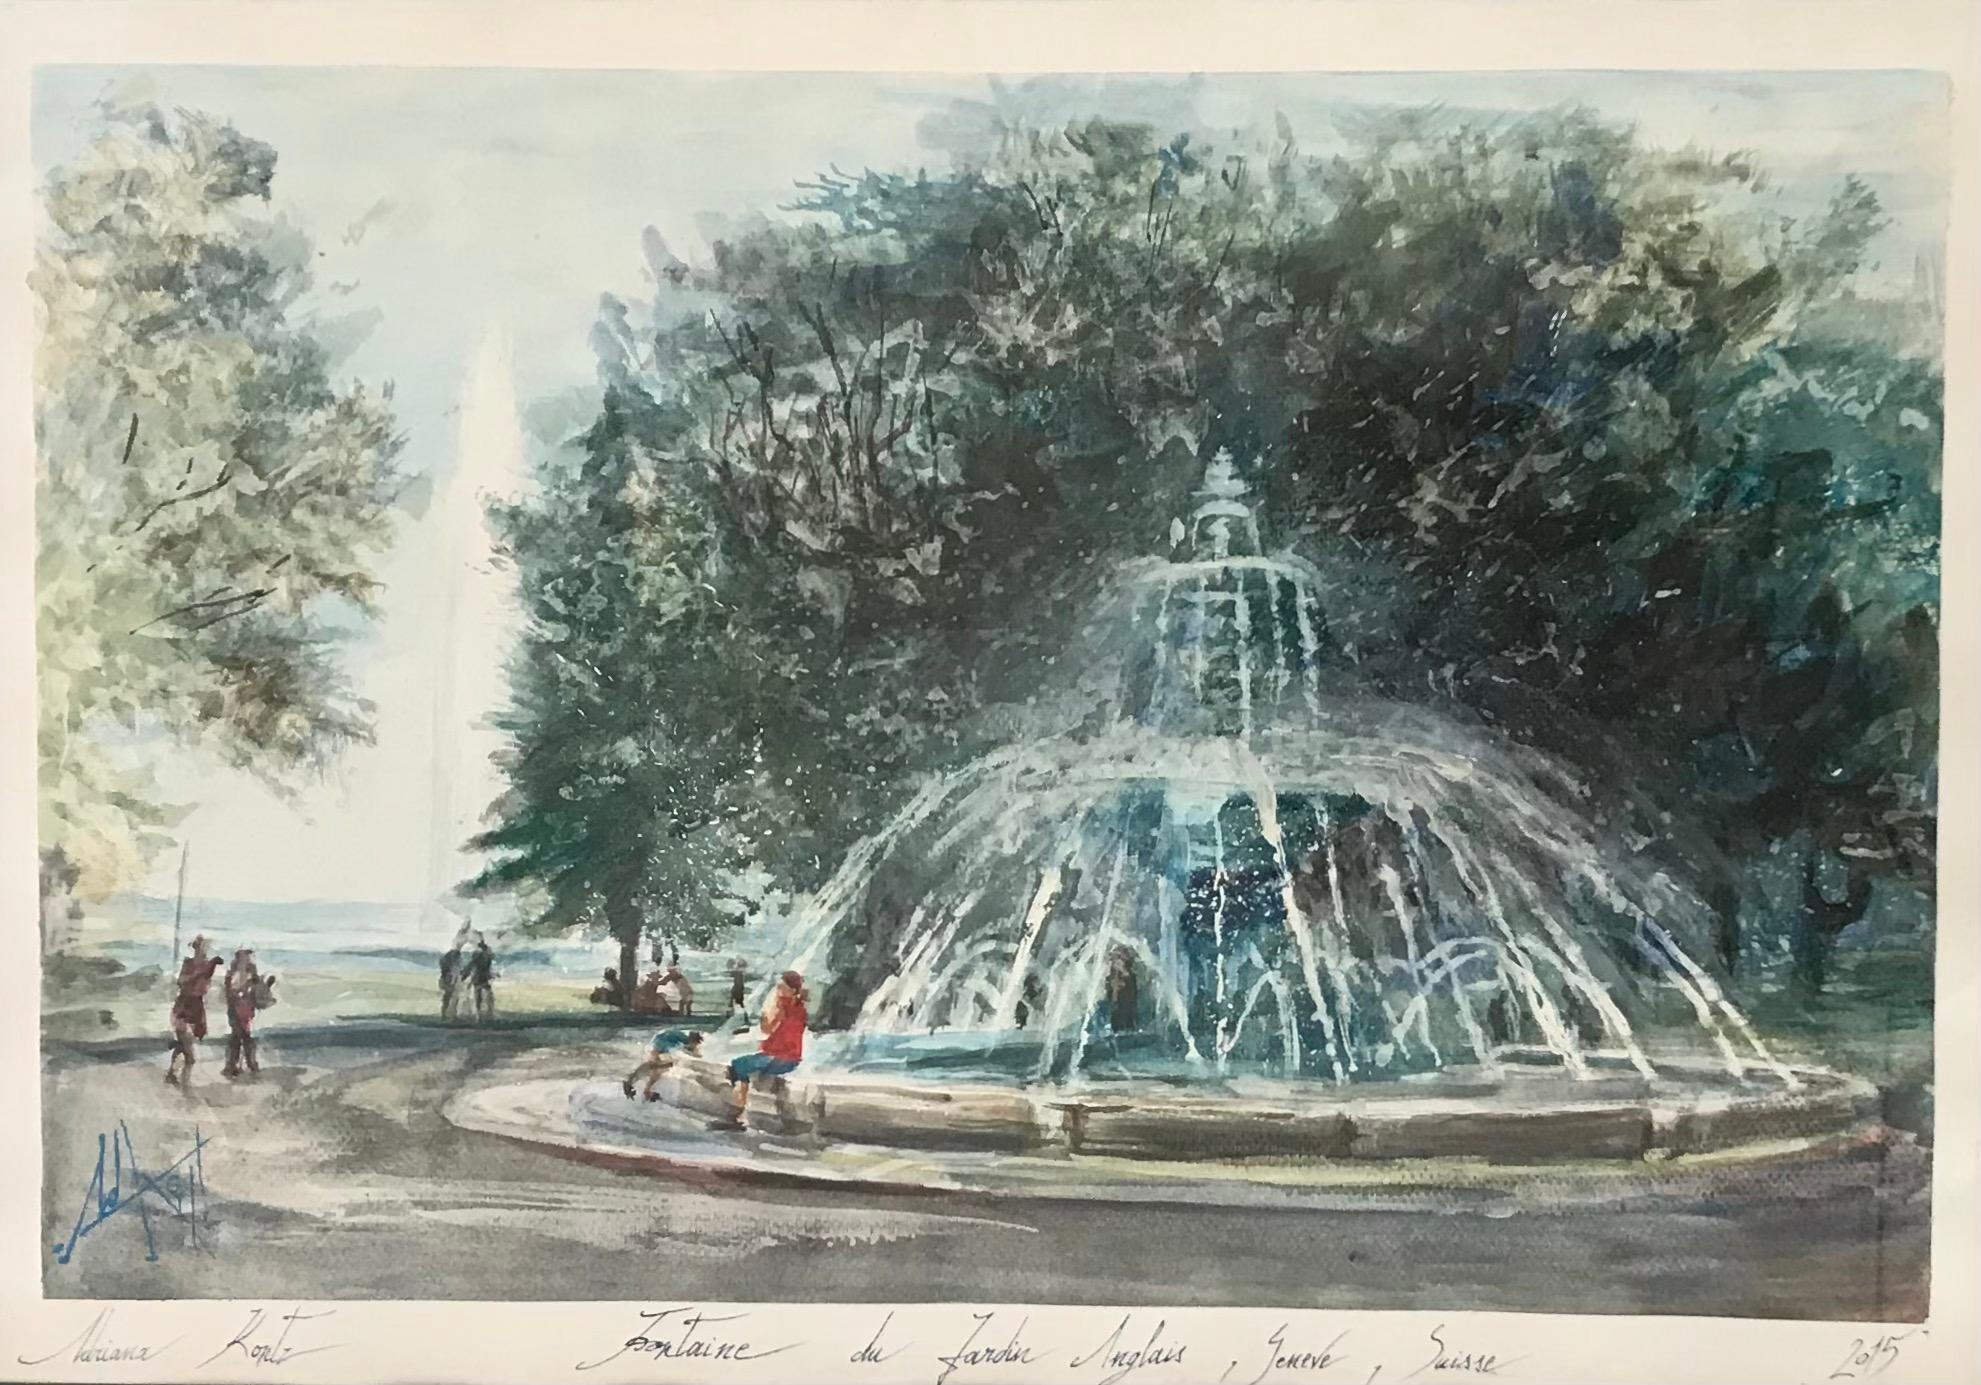 Fountain of the English garden, Geneva